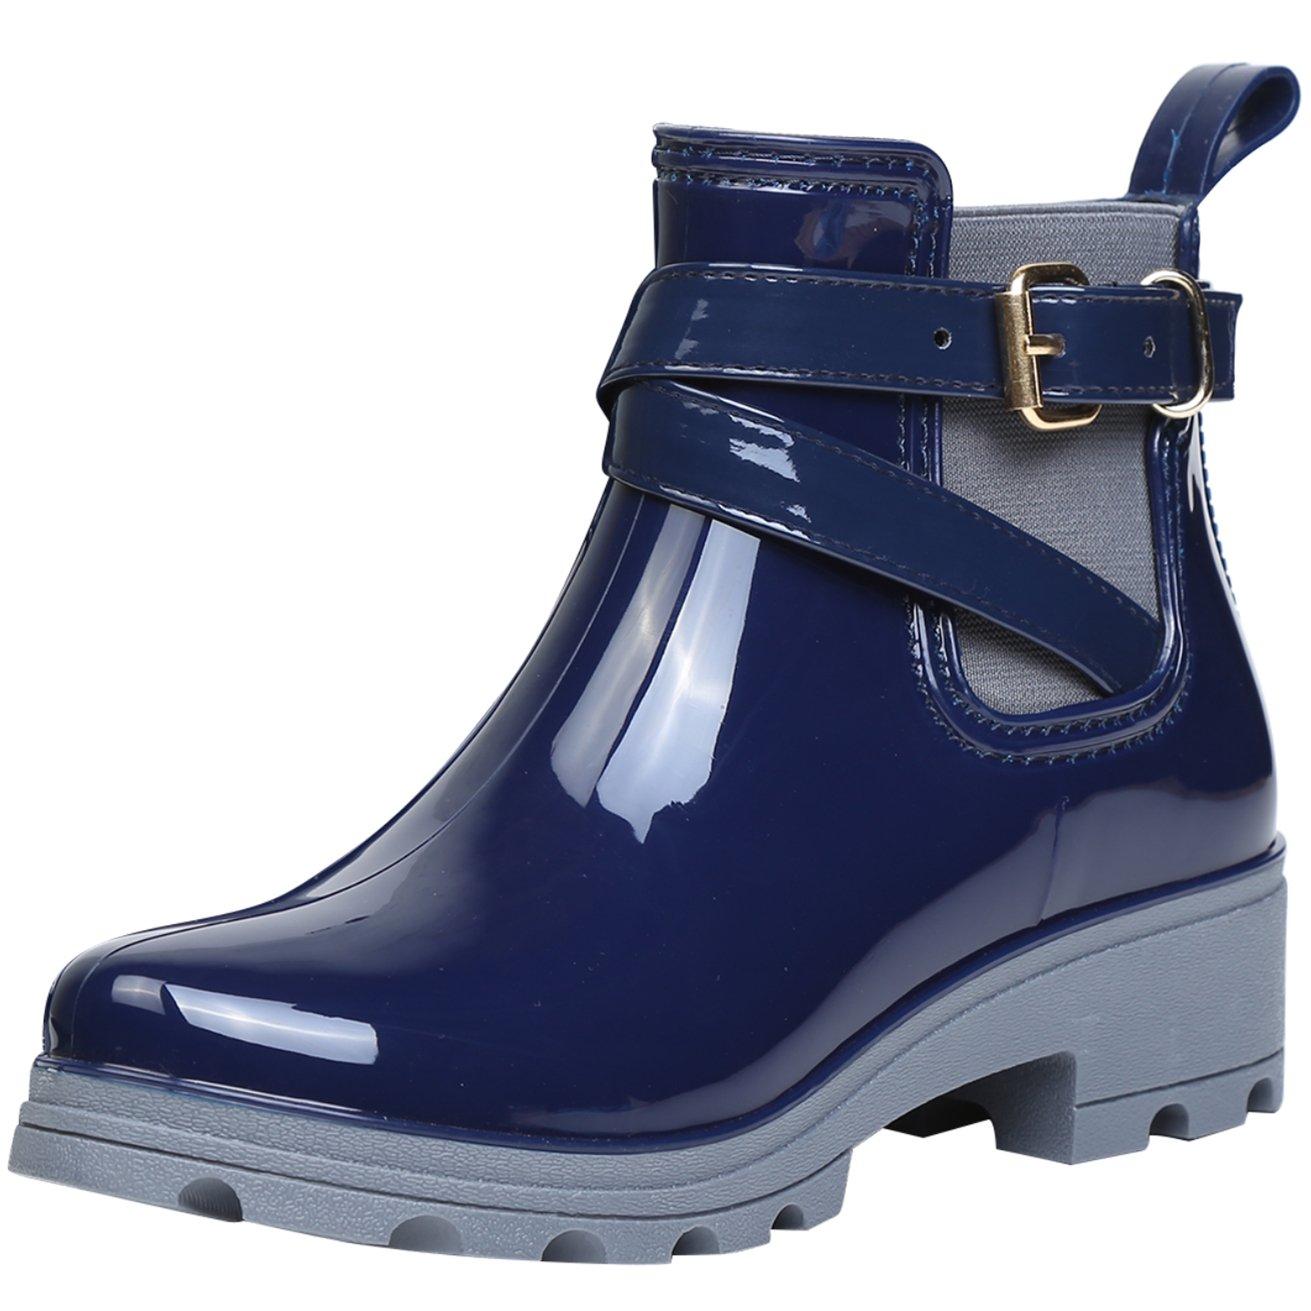 Bottes de Pluie Bottines Cheville Rainboots Bottine de Chelsea Bloc Boots Imperméables...